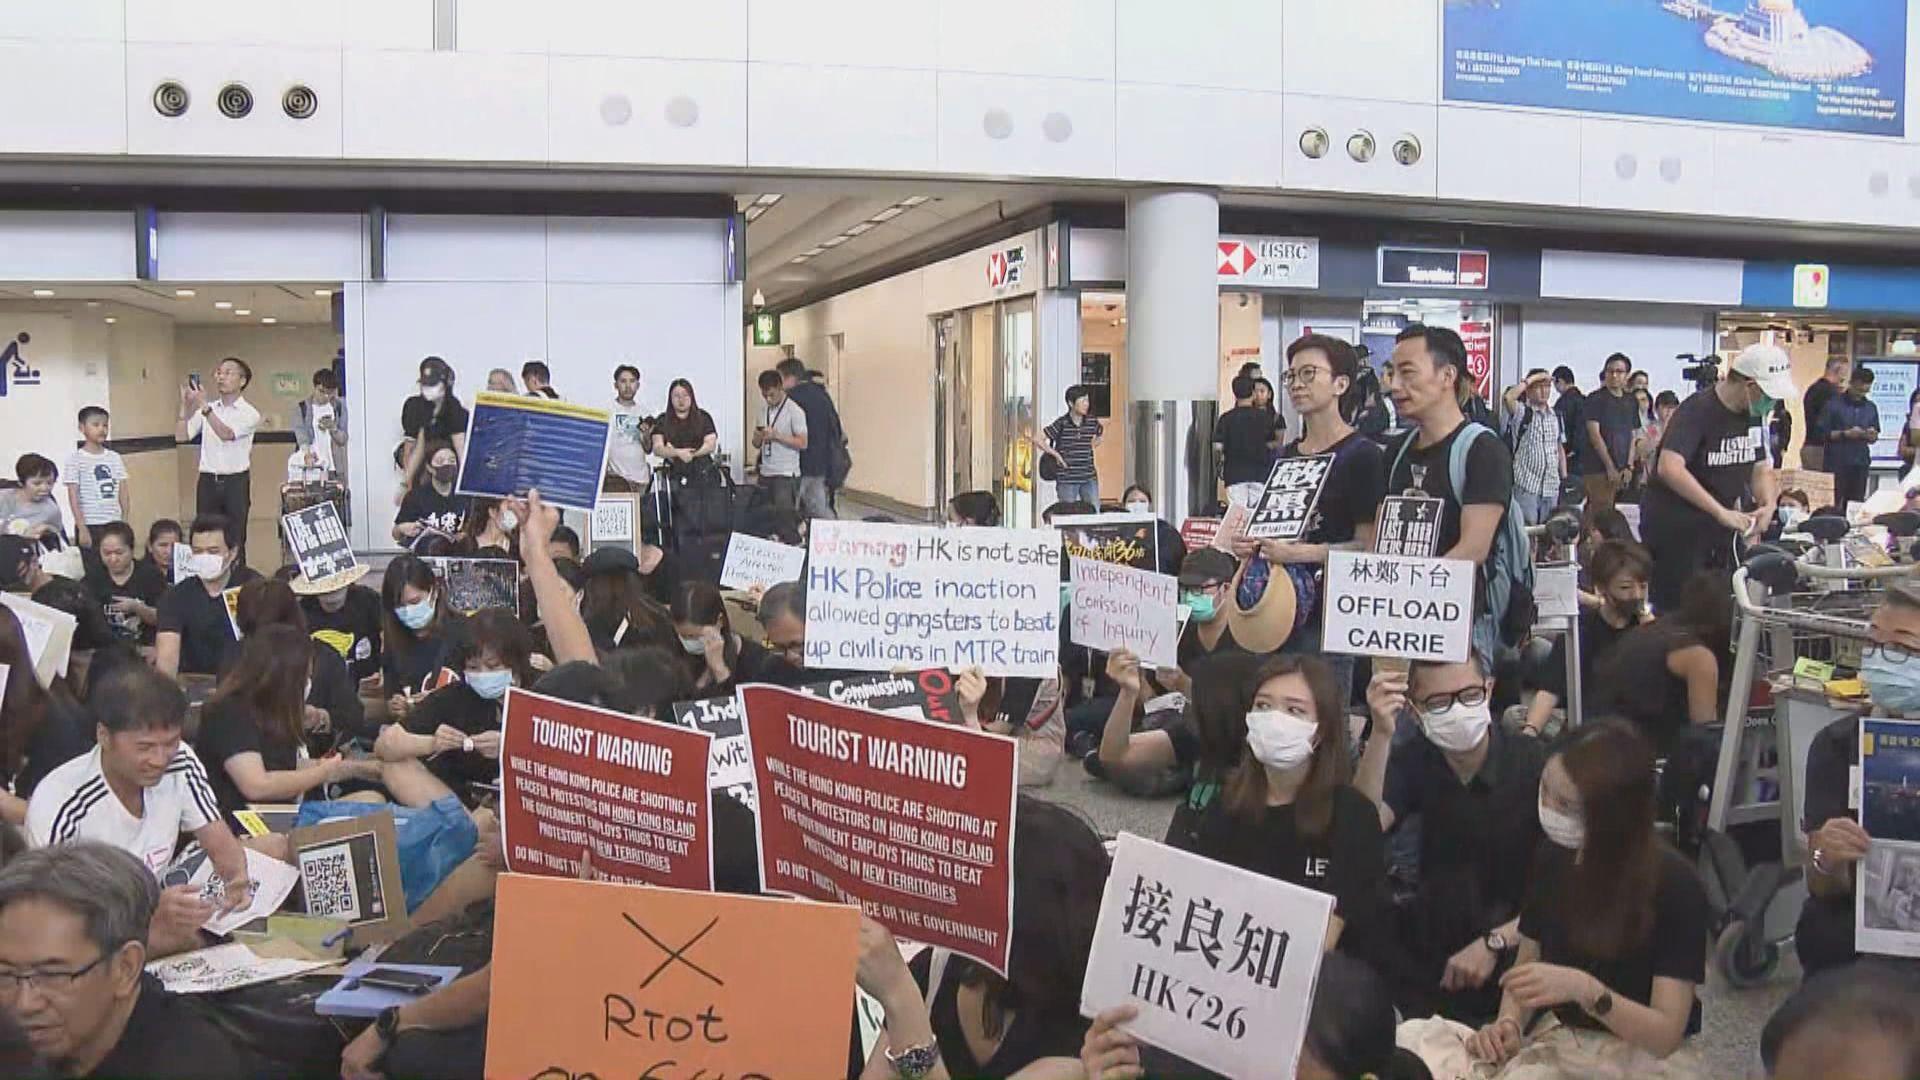 航空業界在機場就反修例及不滿警察濫權集會